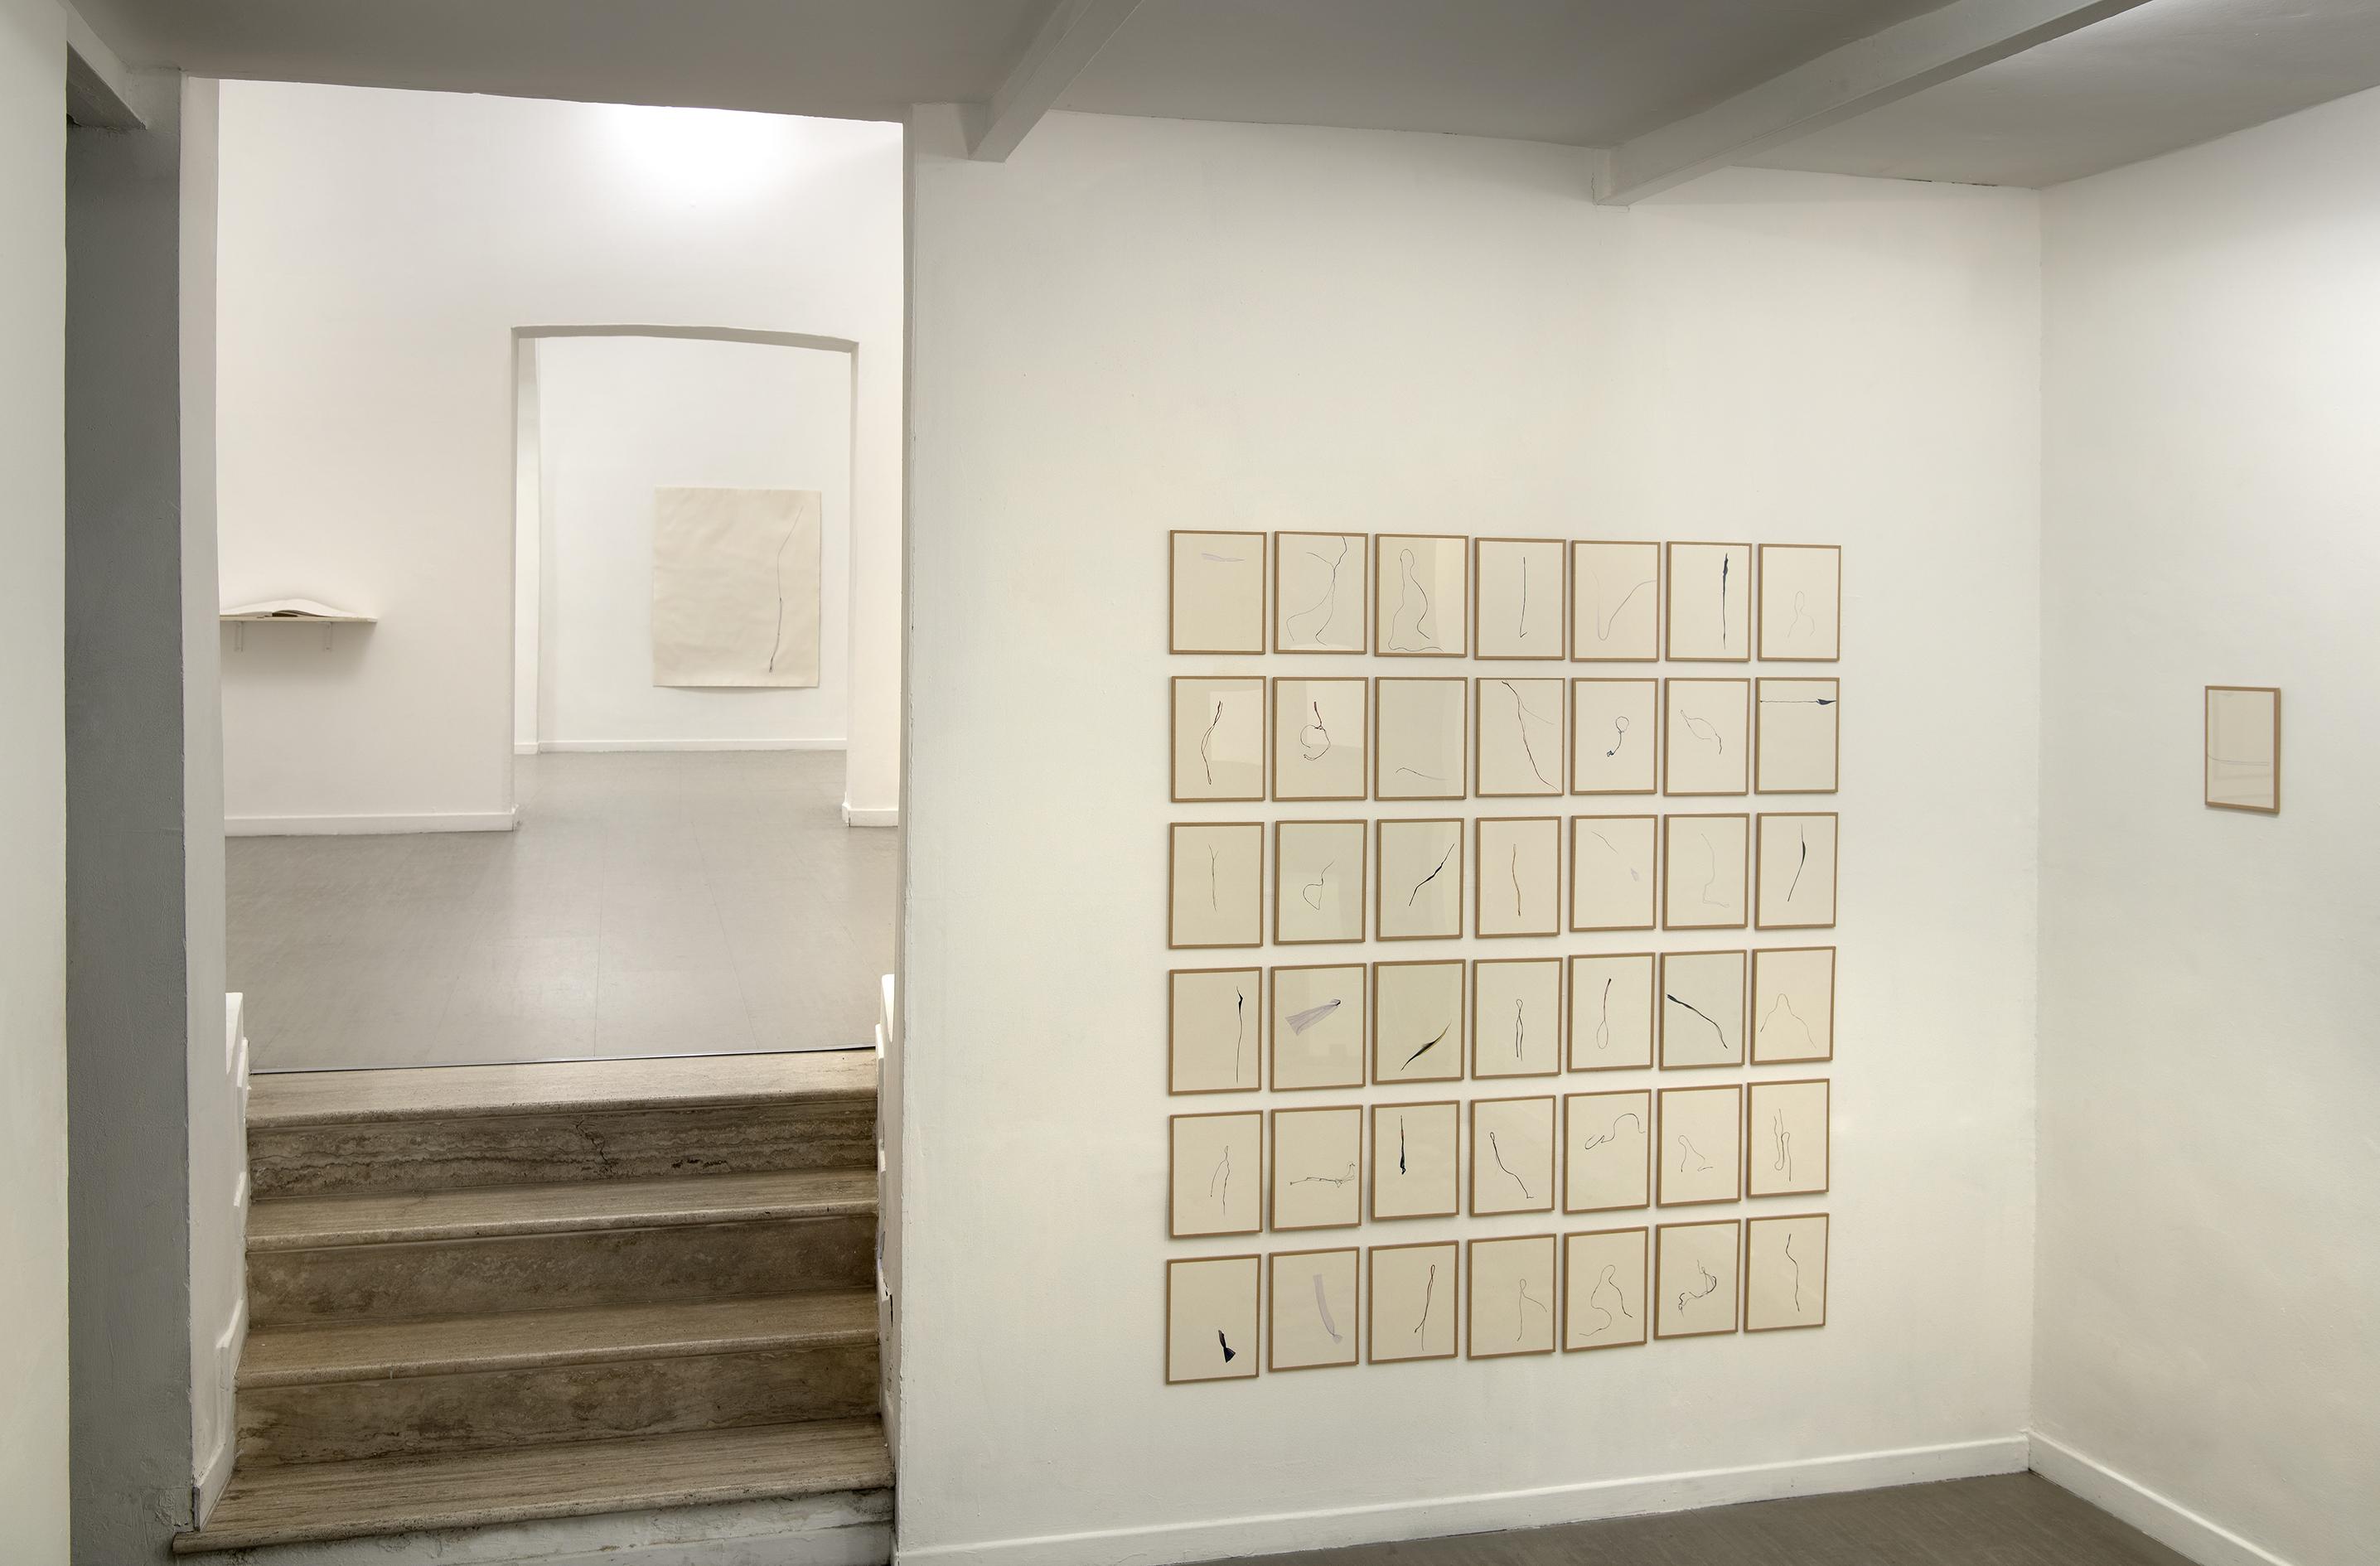 """Beatrice Pediconi, """"Diario di un tempo sospeso"""", 2020 (ph. Giorgio Benni)"""